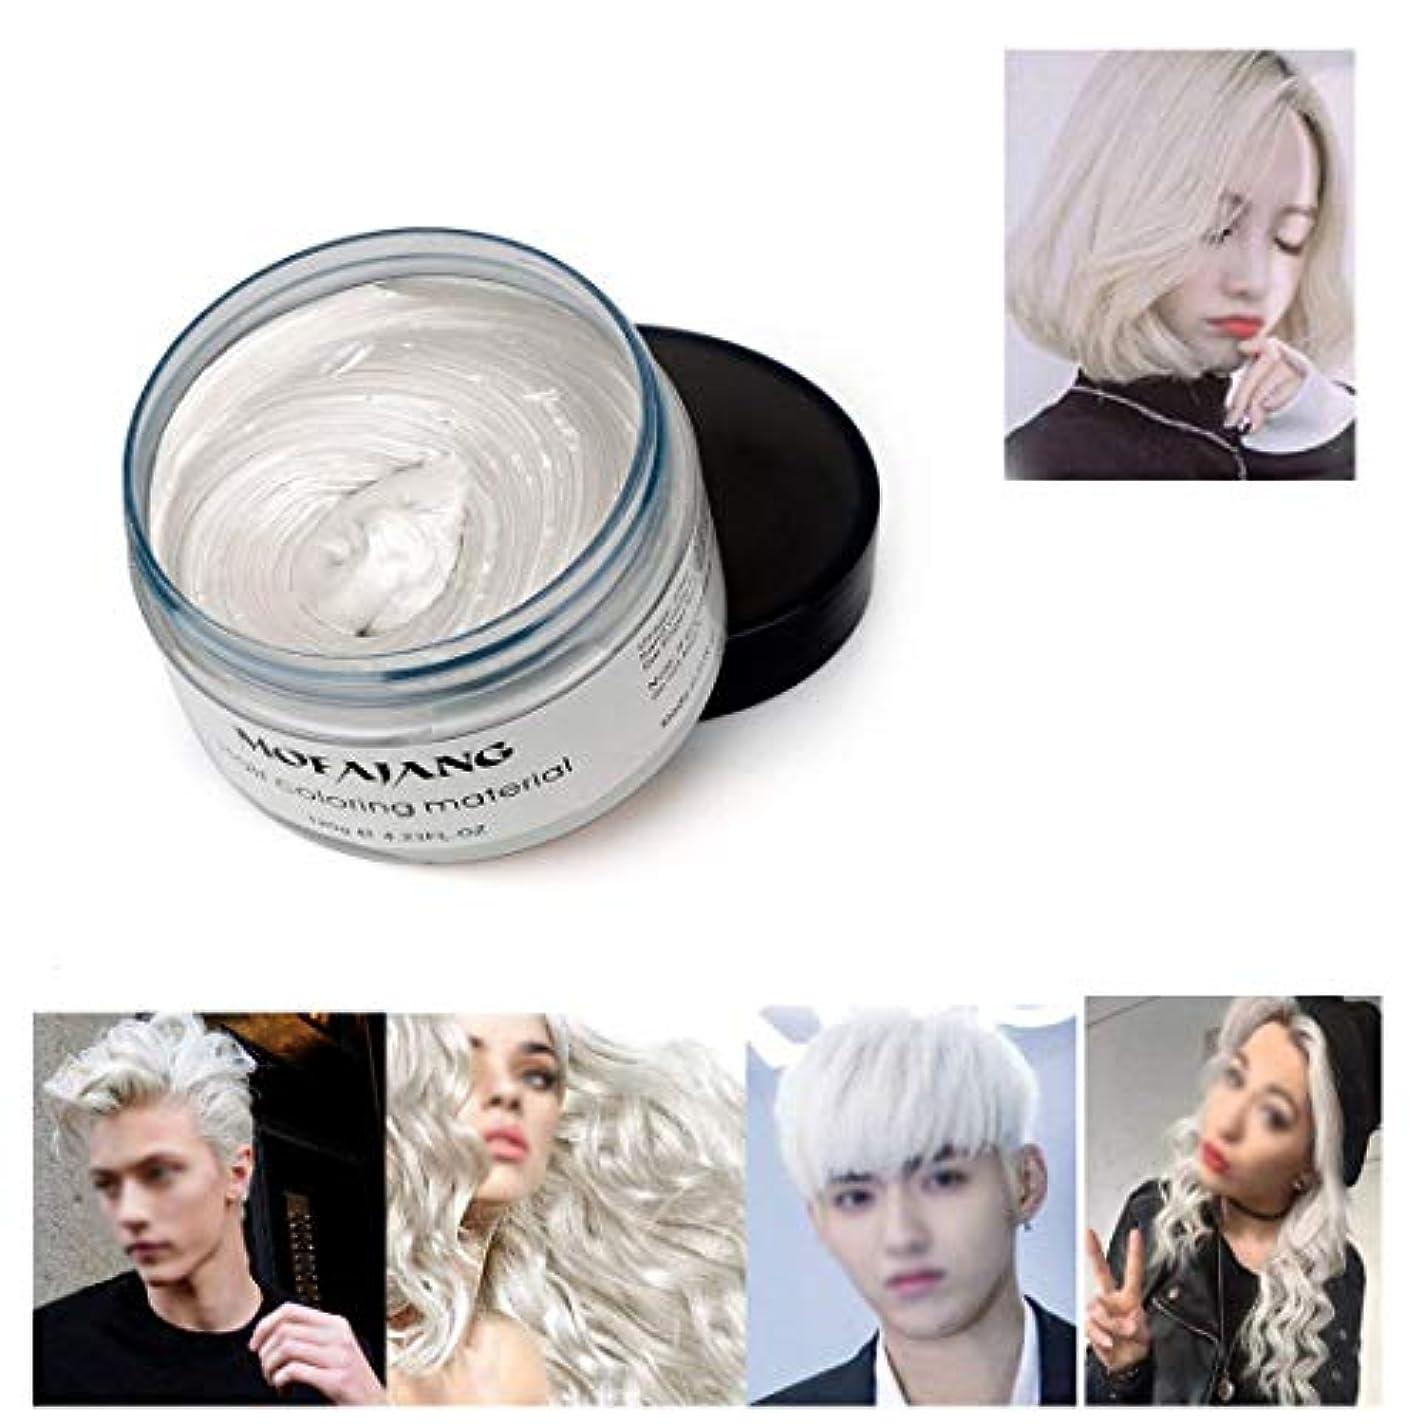 発音みぞれひねり髪色ワックス,一度だけ一時的に自然色染料ヘアワックスをモデリング,パーティーのための自然なマット髪型。コスプレ、仮装、ナイトクラブ、ハロウィーン (ホワイト)